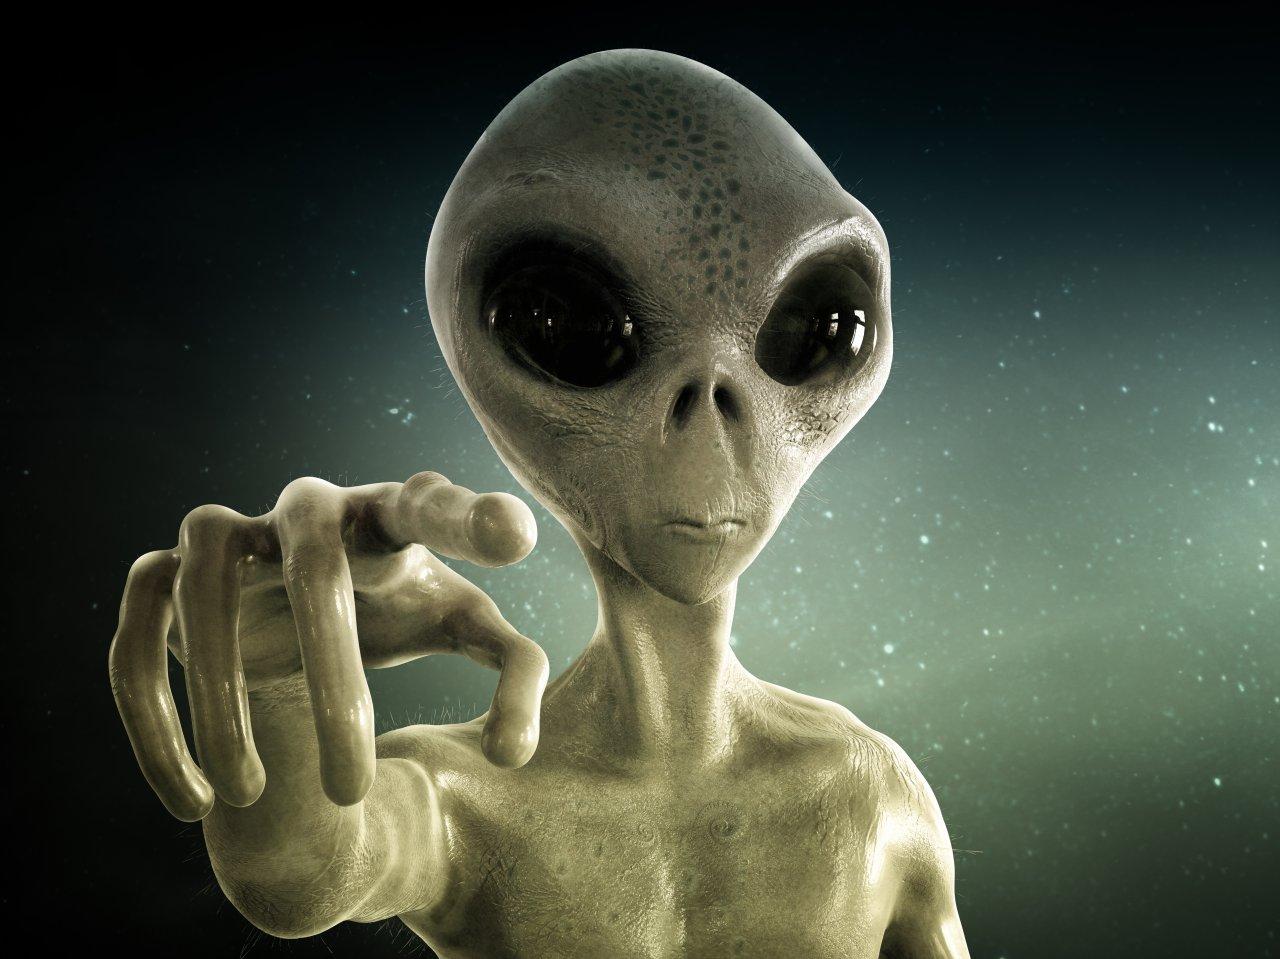 Eine weit verbreitete Darstellung außerirdischen Lebens. Sehen unsere potentiellen Nachbarn wirklich so aus?